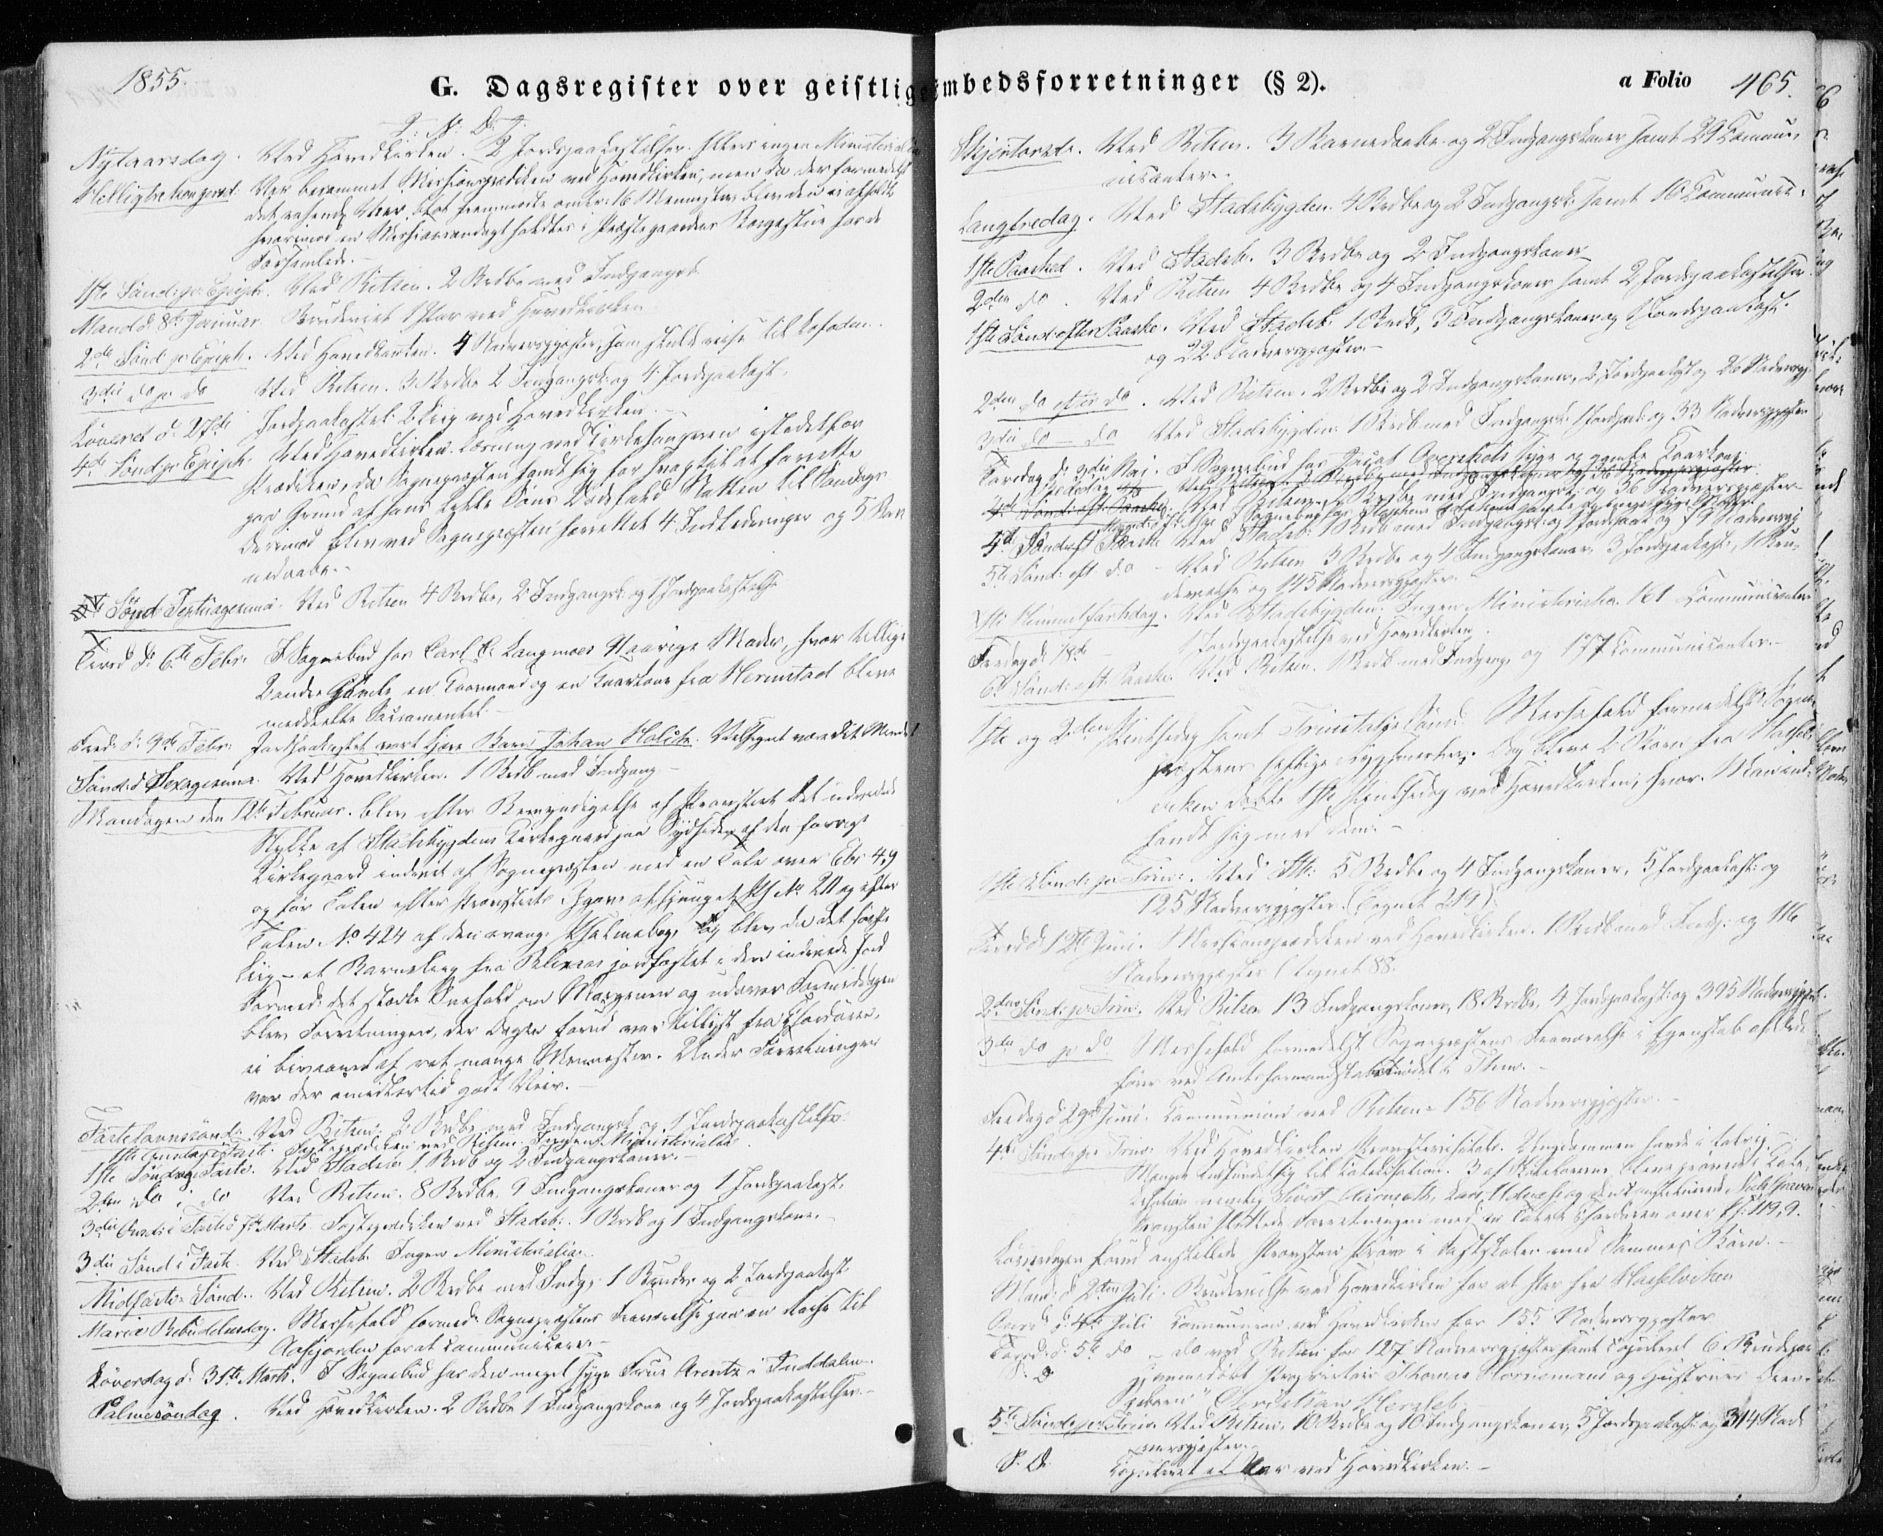 SAT, Ministerialprotokoller, klokkerbøker og fødselsregistre - Sør-Trøndelag, 646/L0611: Ministerialbok nr. 646A09, 1848-1857, s. 465